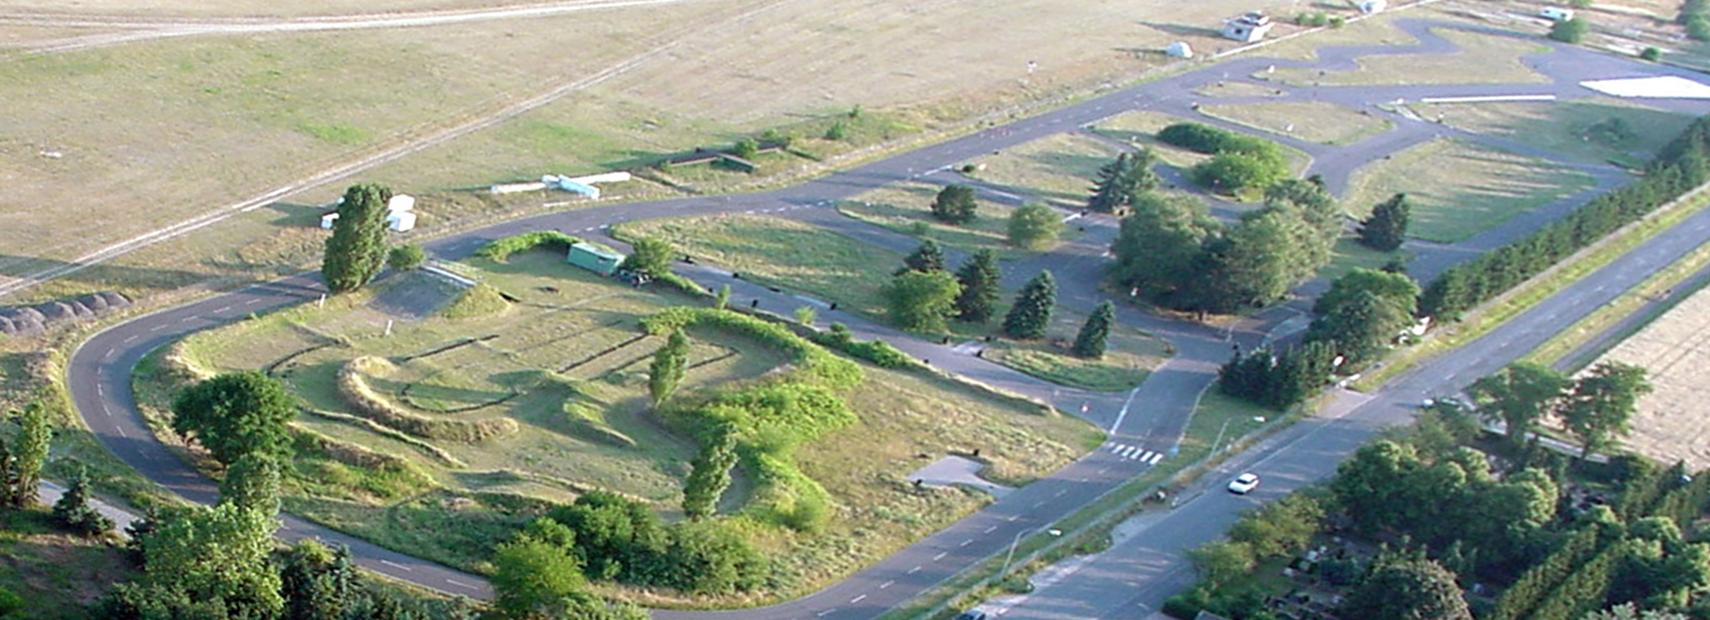 ADAC Fahrsicherheitsplatz Braunschweig